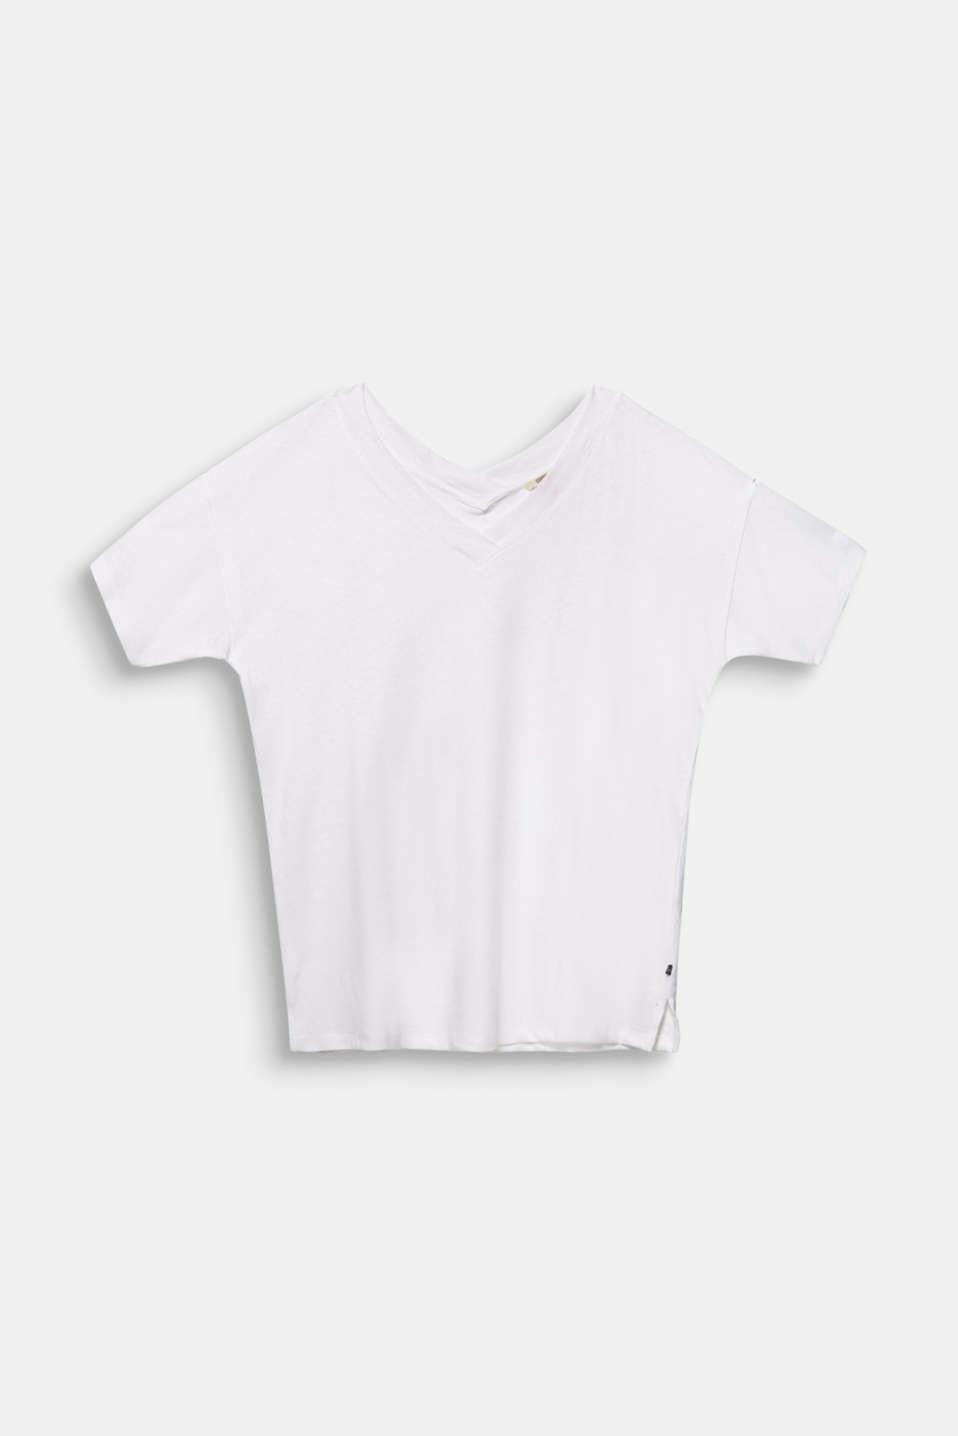 Linen blend CURVY V-neck top, WHITE, detail image number 5